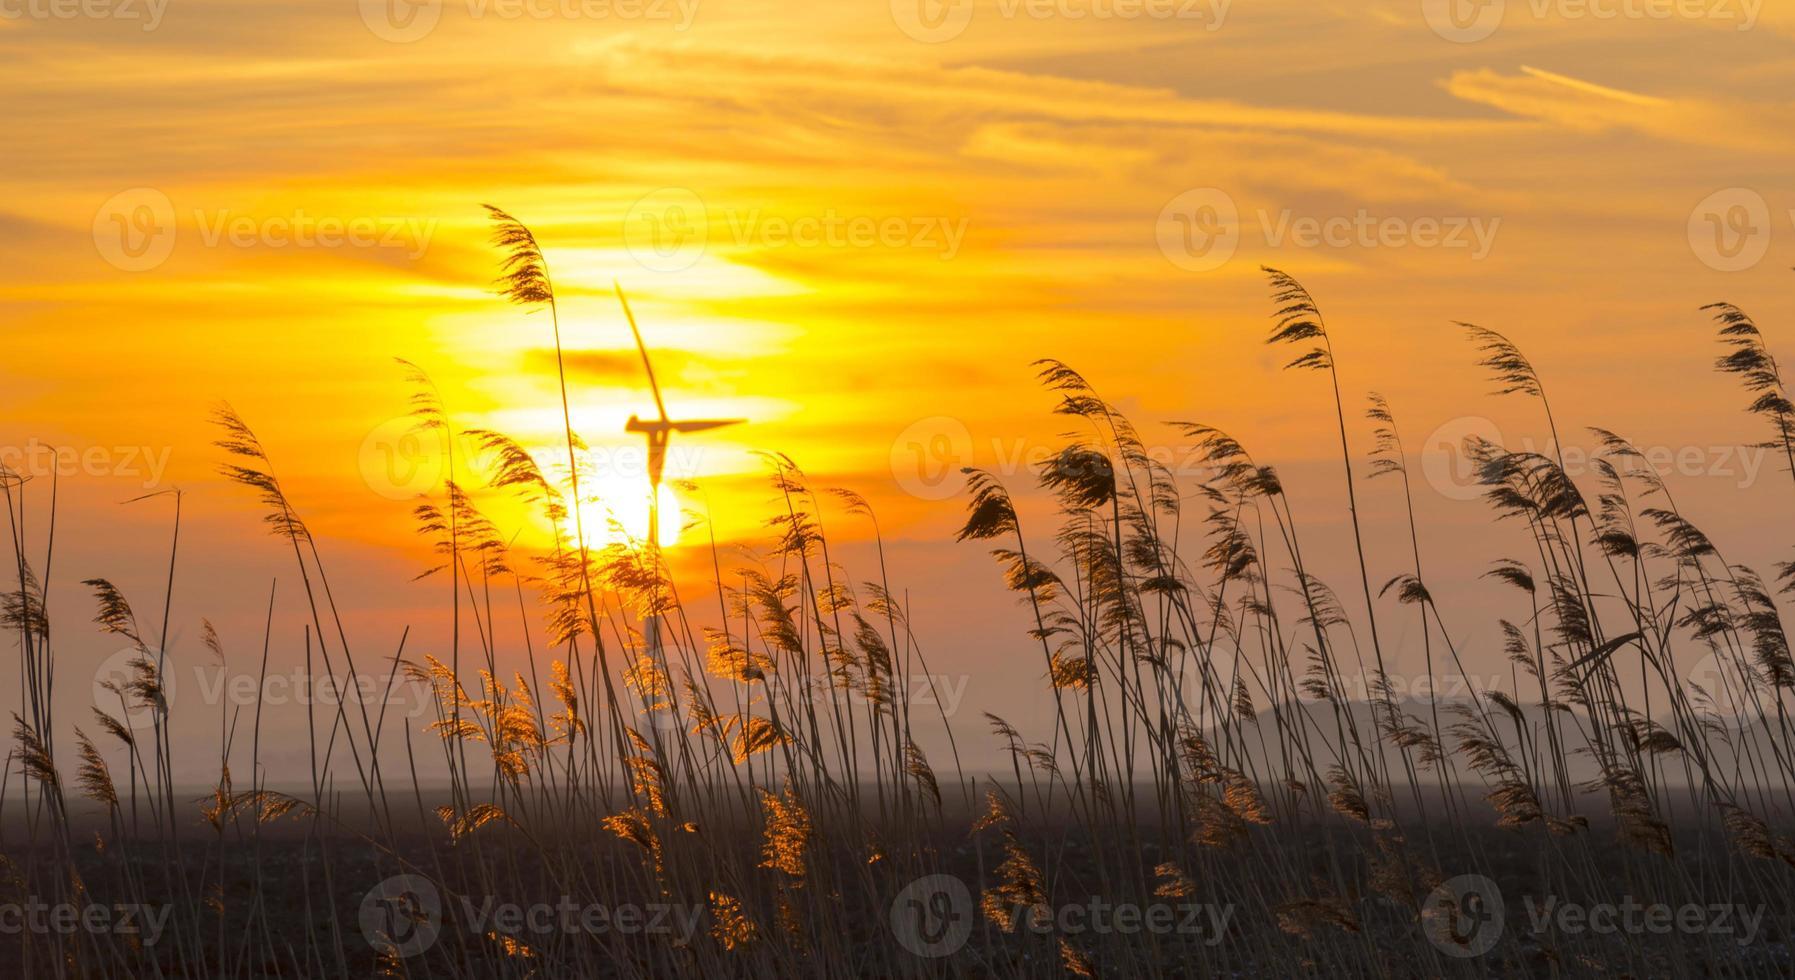 Sonnenaufgang über Schilf auf einem Feld im Winter foto